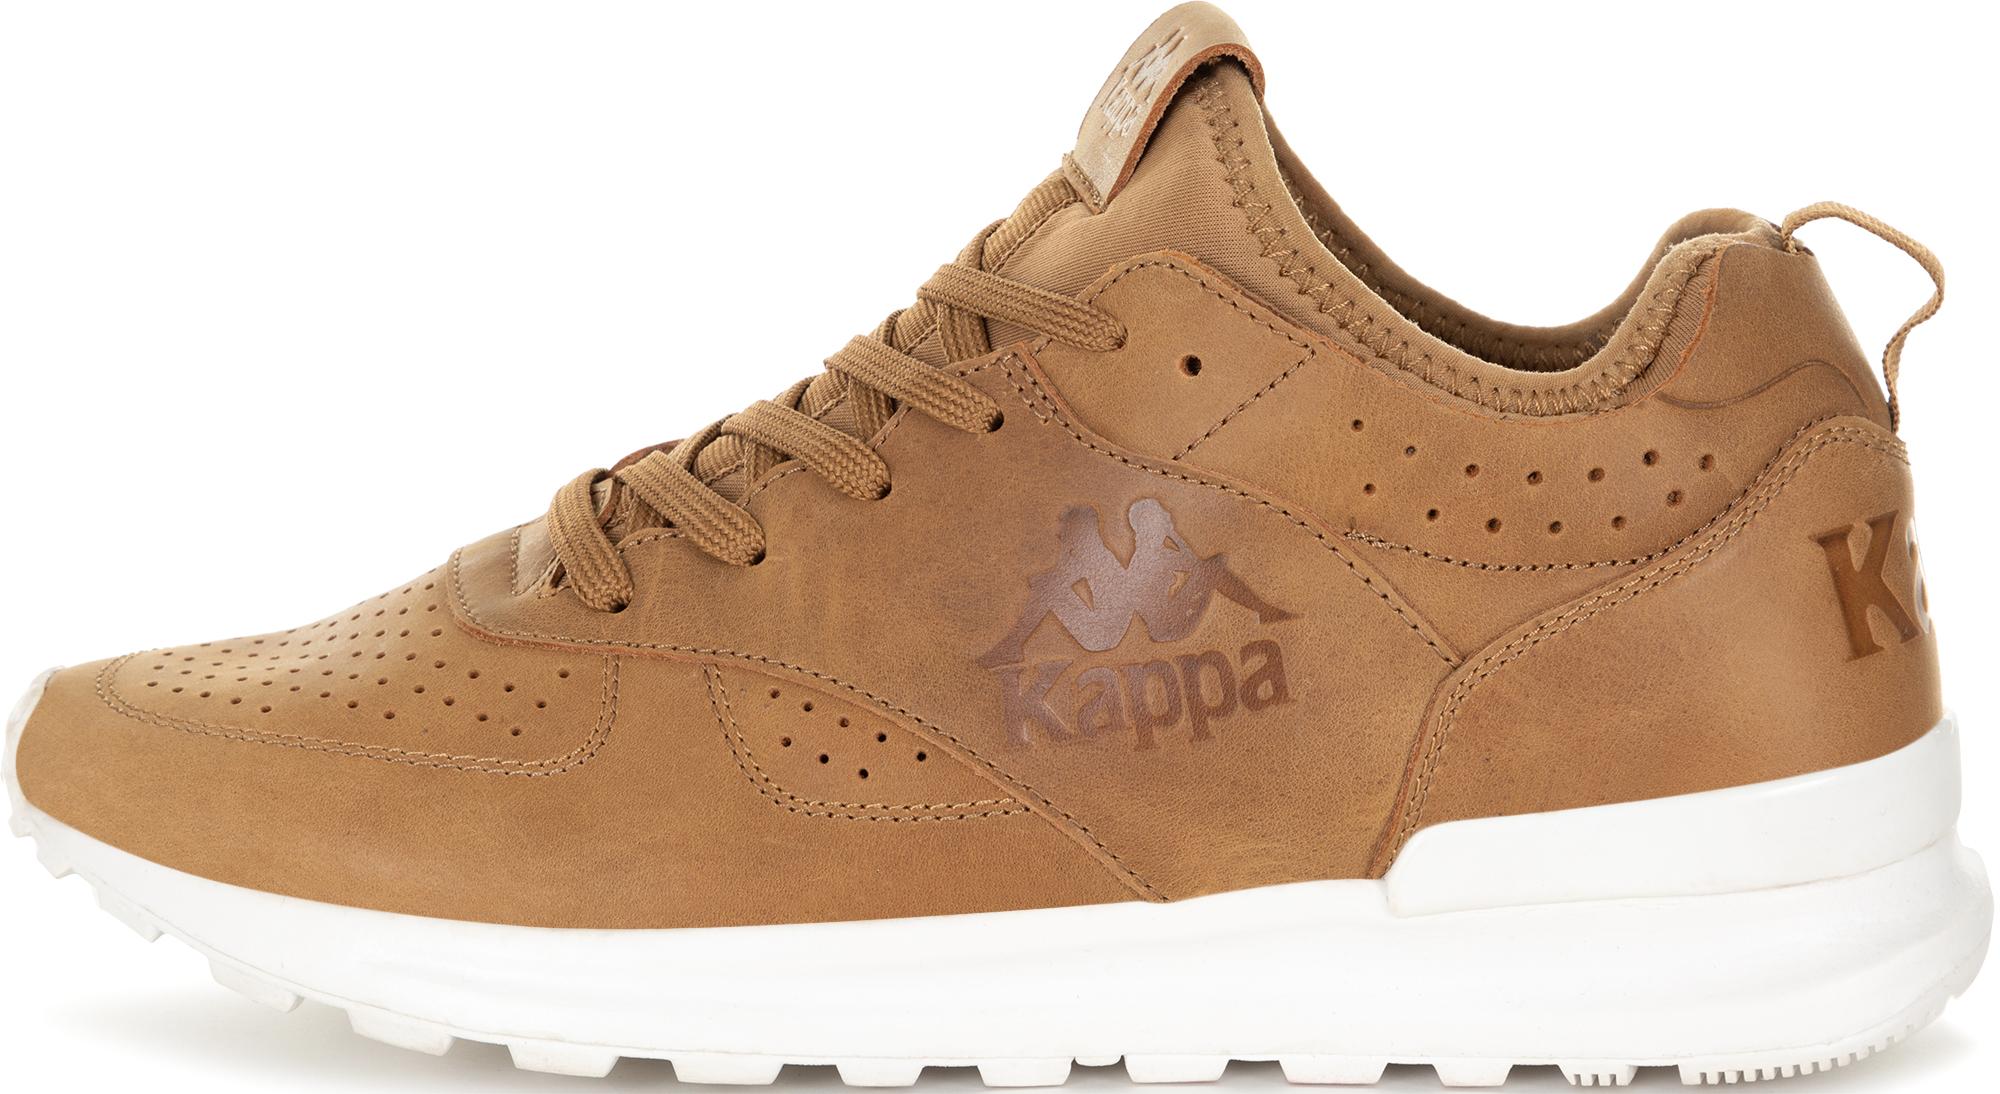 кроссовки мужские kappa alfa m цвет бордовый 304q5y0 906 размер 44 43 Kappa Кроссовки мужские Kappa Neoclassic 2.0, размер 41